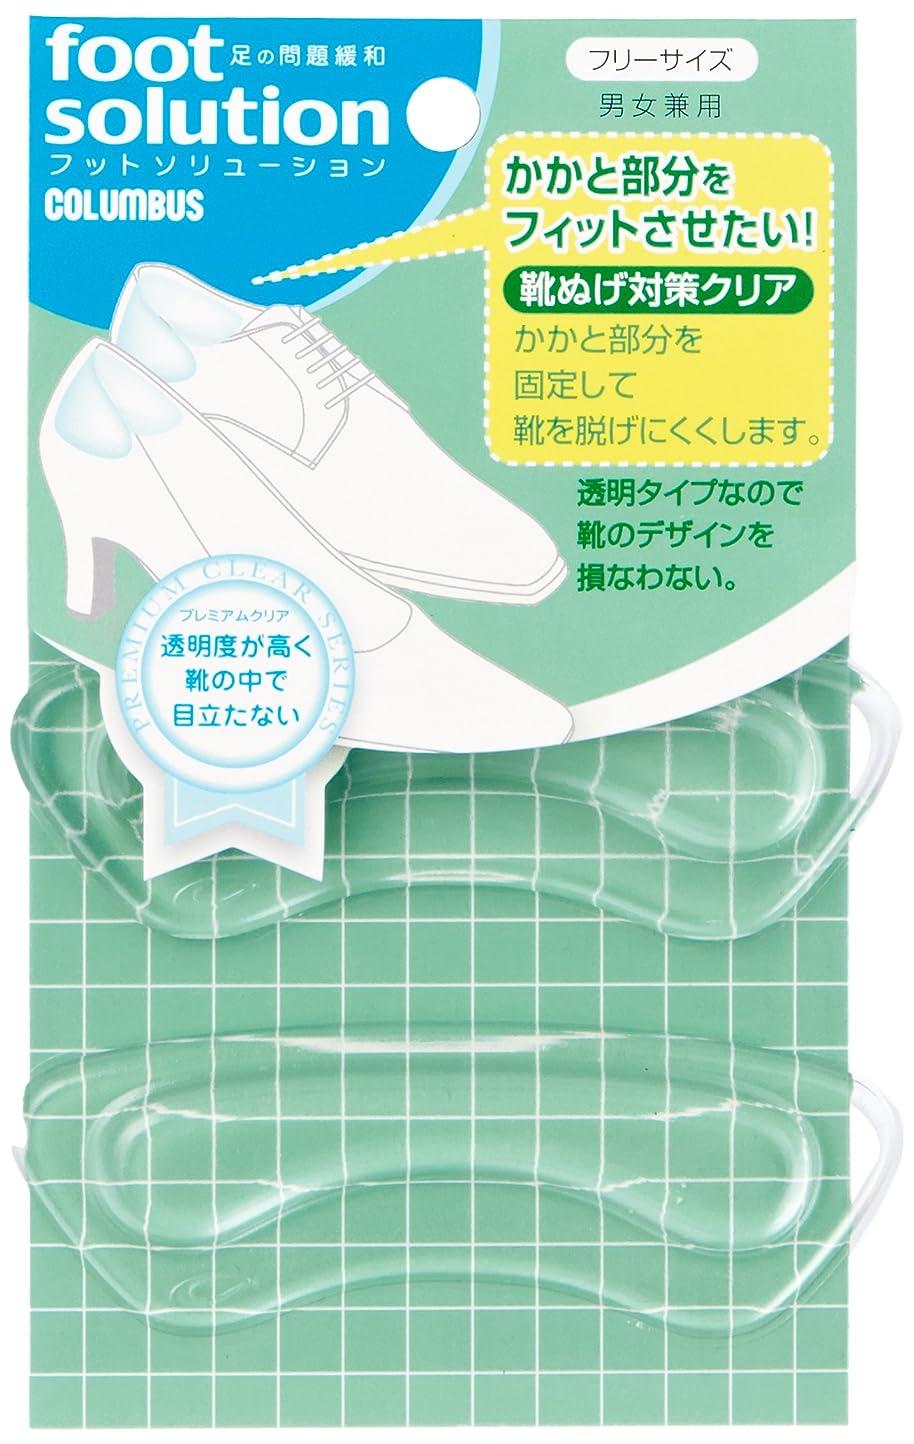 永続混雑添付[コロンブス] 靴脱げ対策クリア Foot Solution 88550005